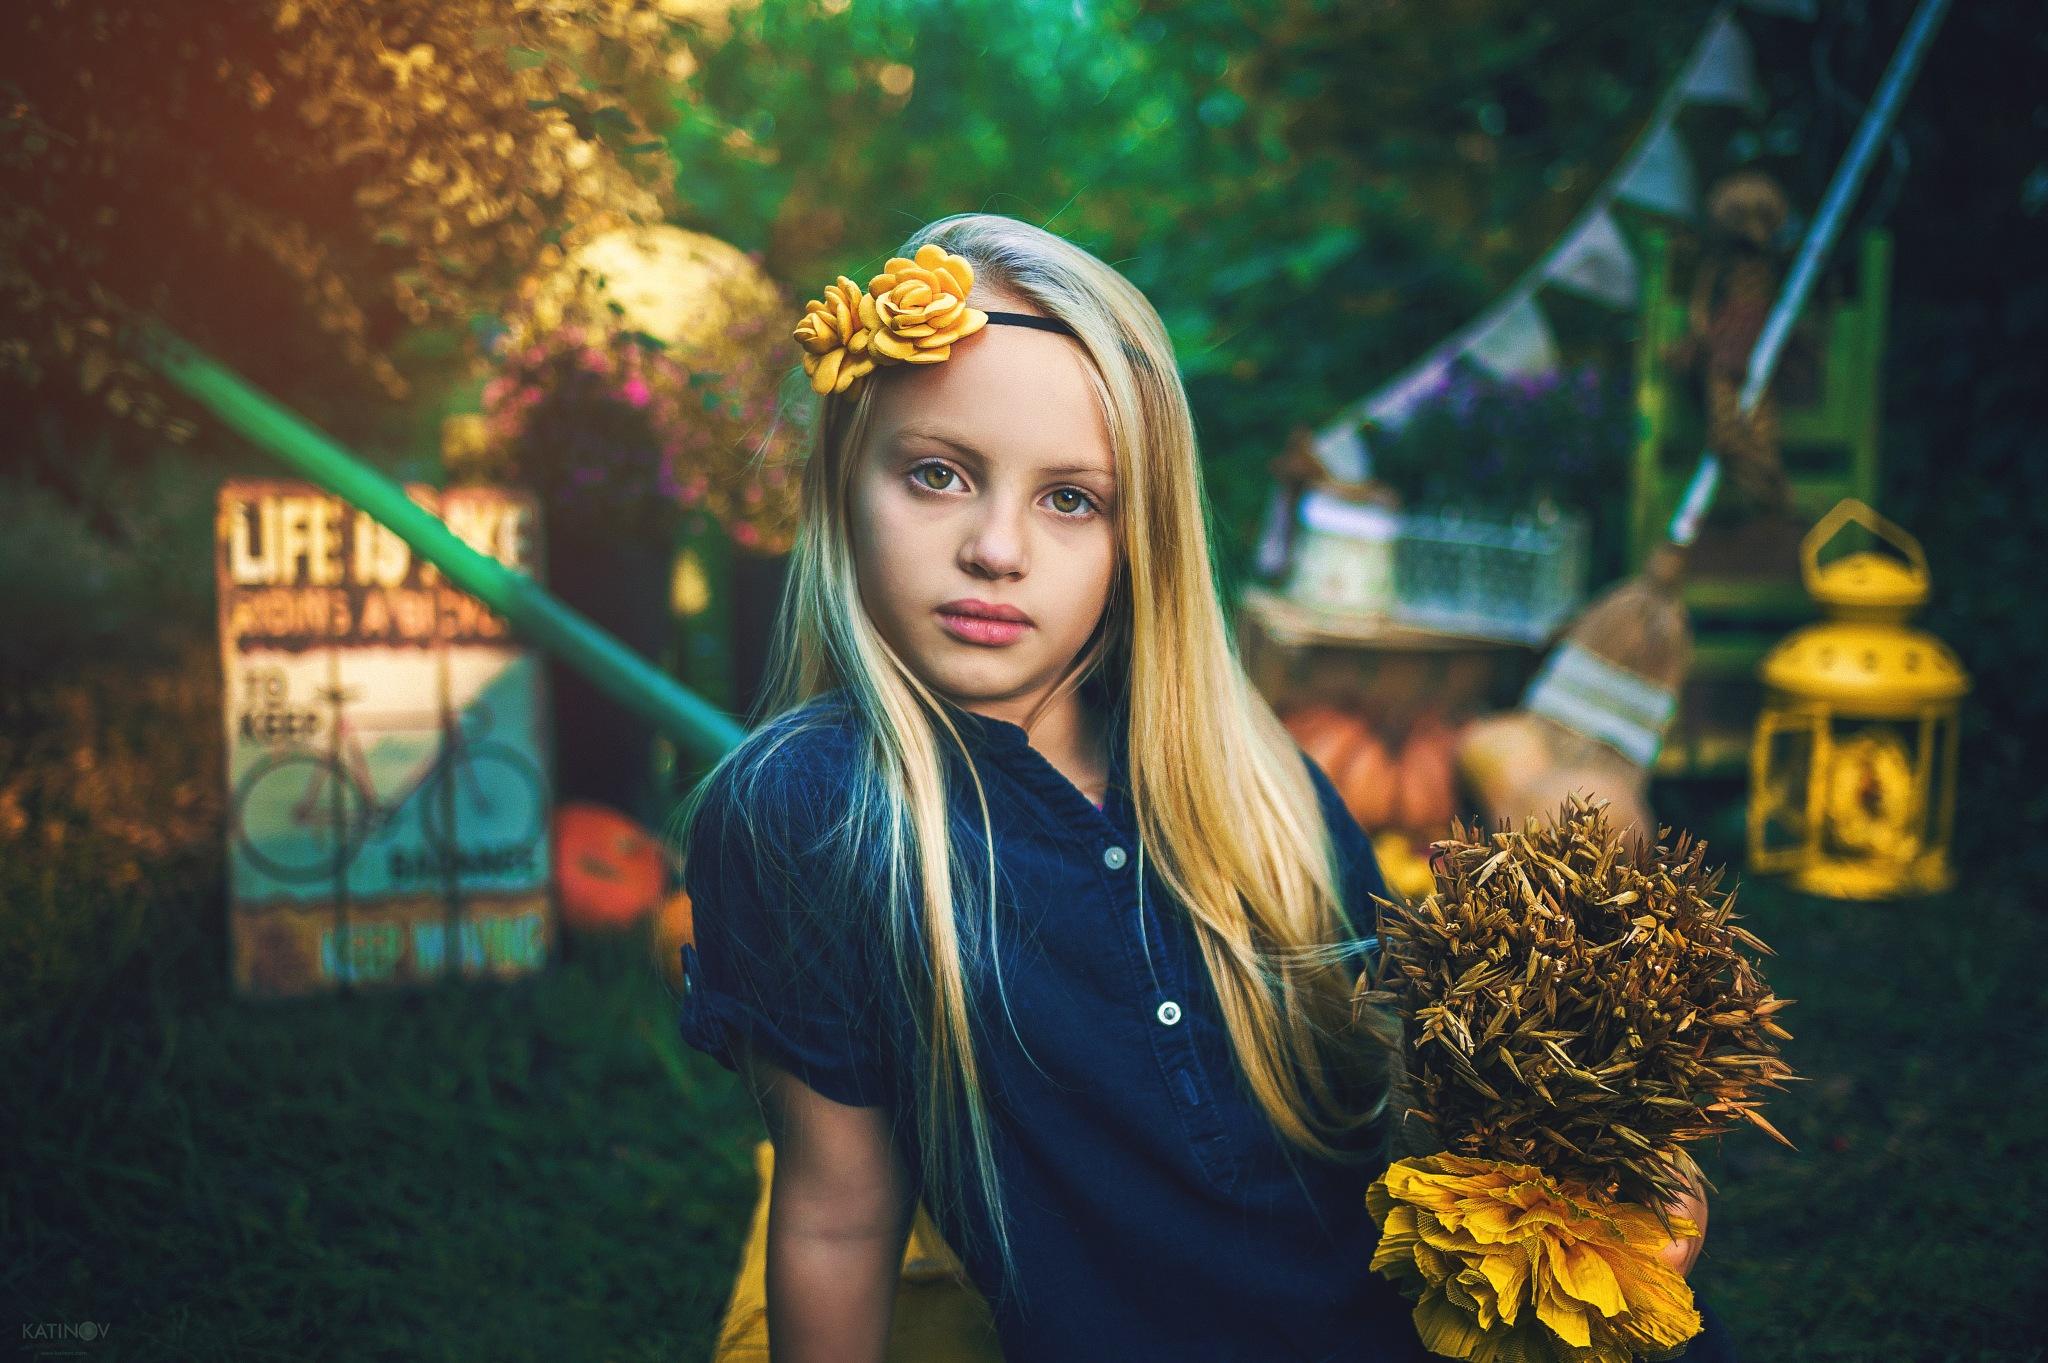 Beautiful Nataliya by Stoyan Katinov